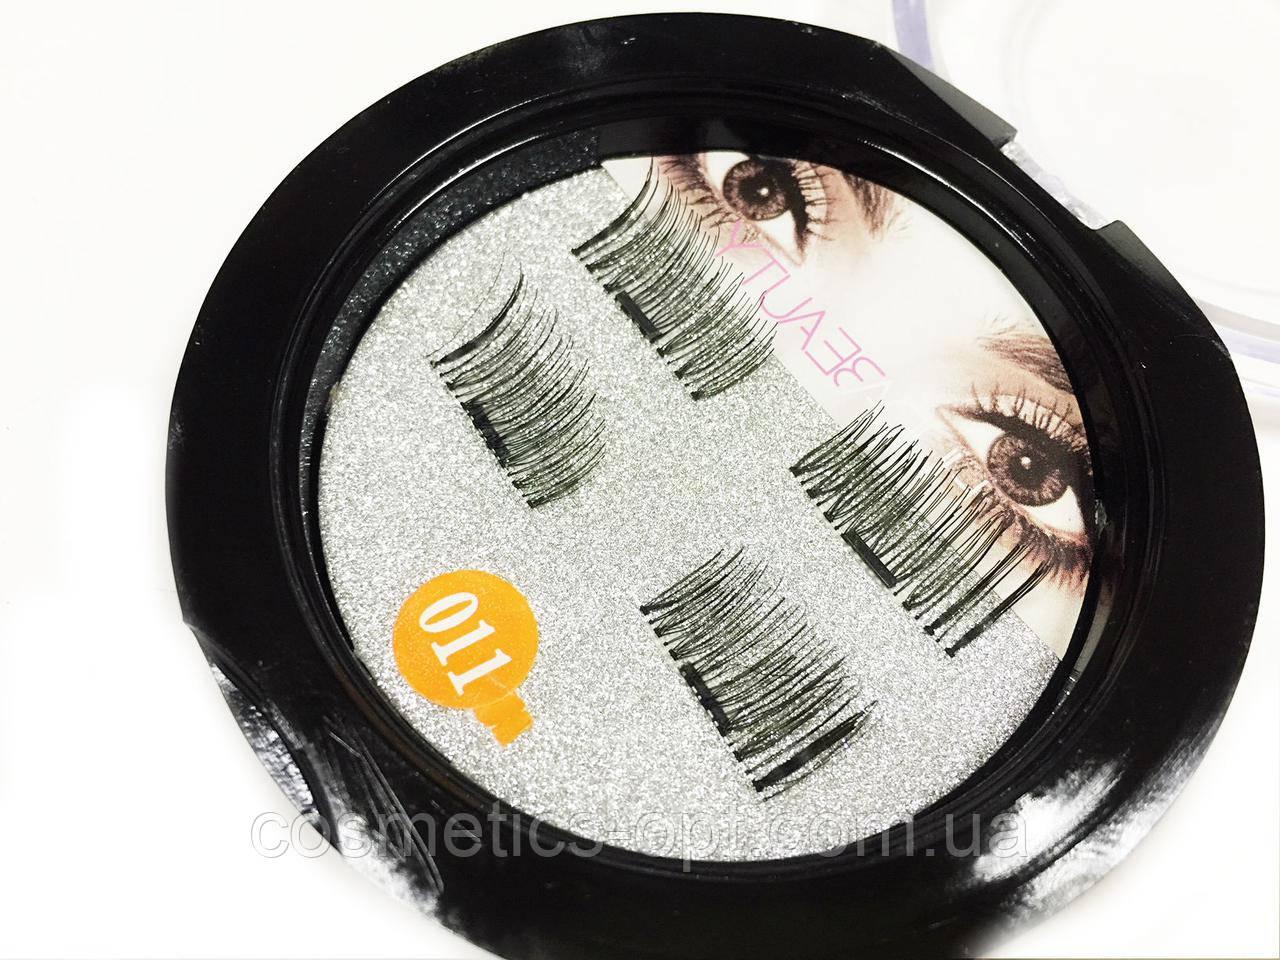 Магнитные ресницы Huda Beauty №11 (реплика)